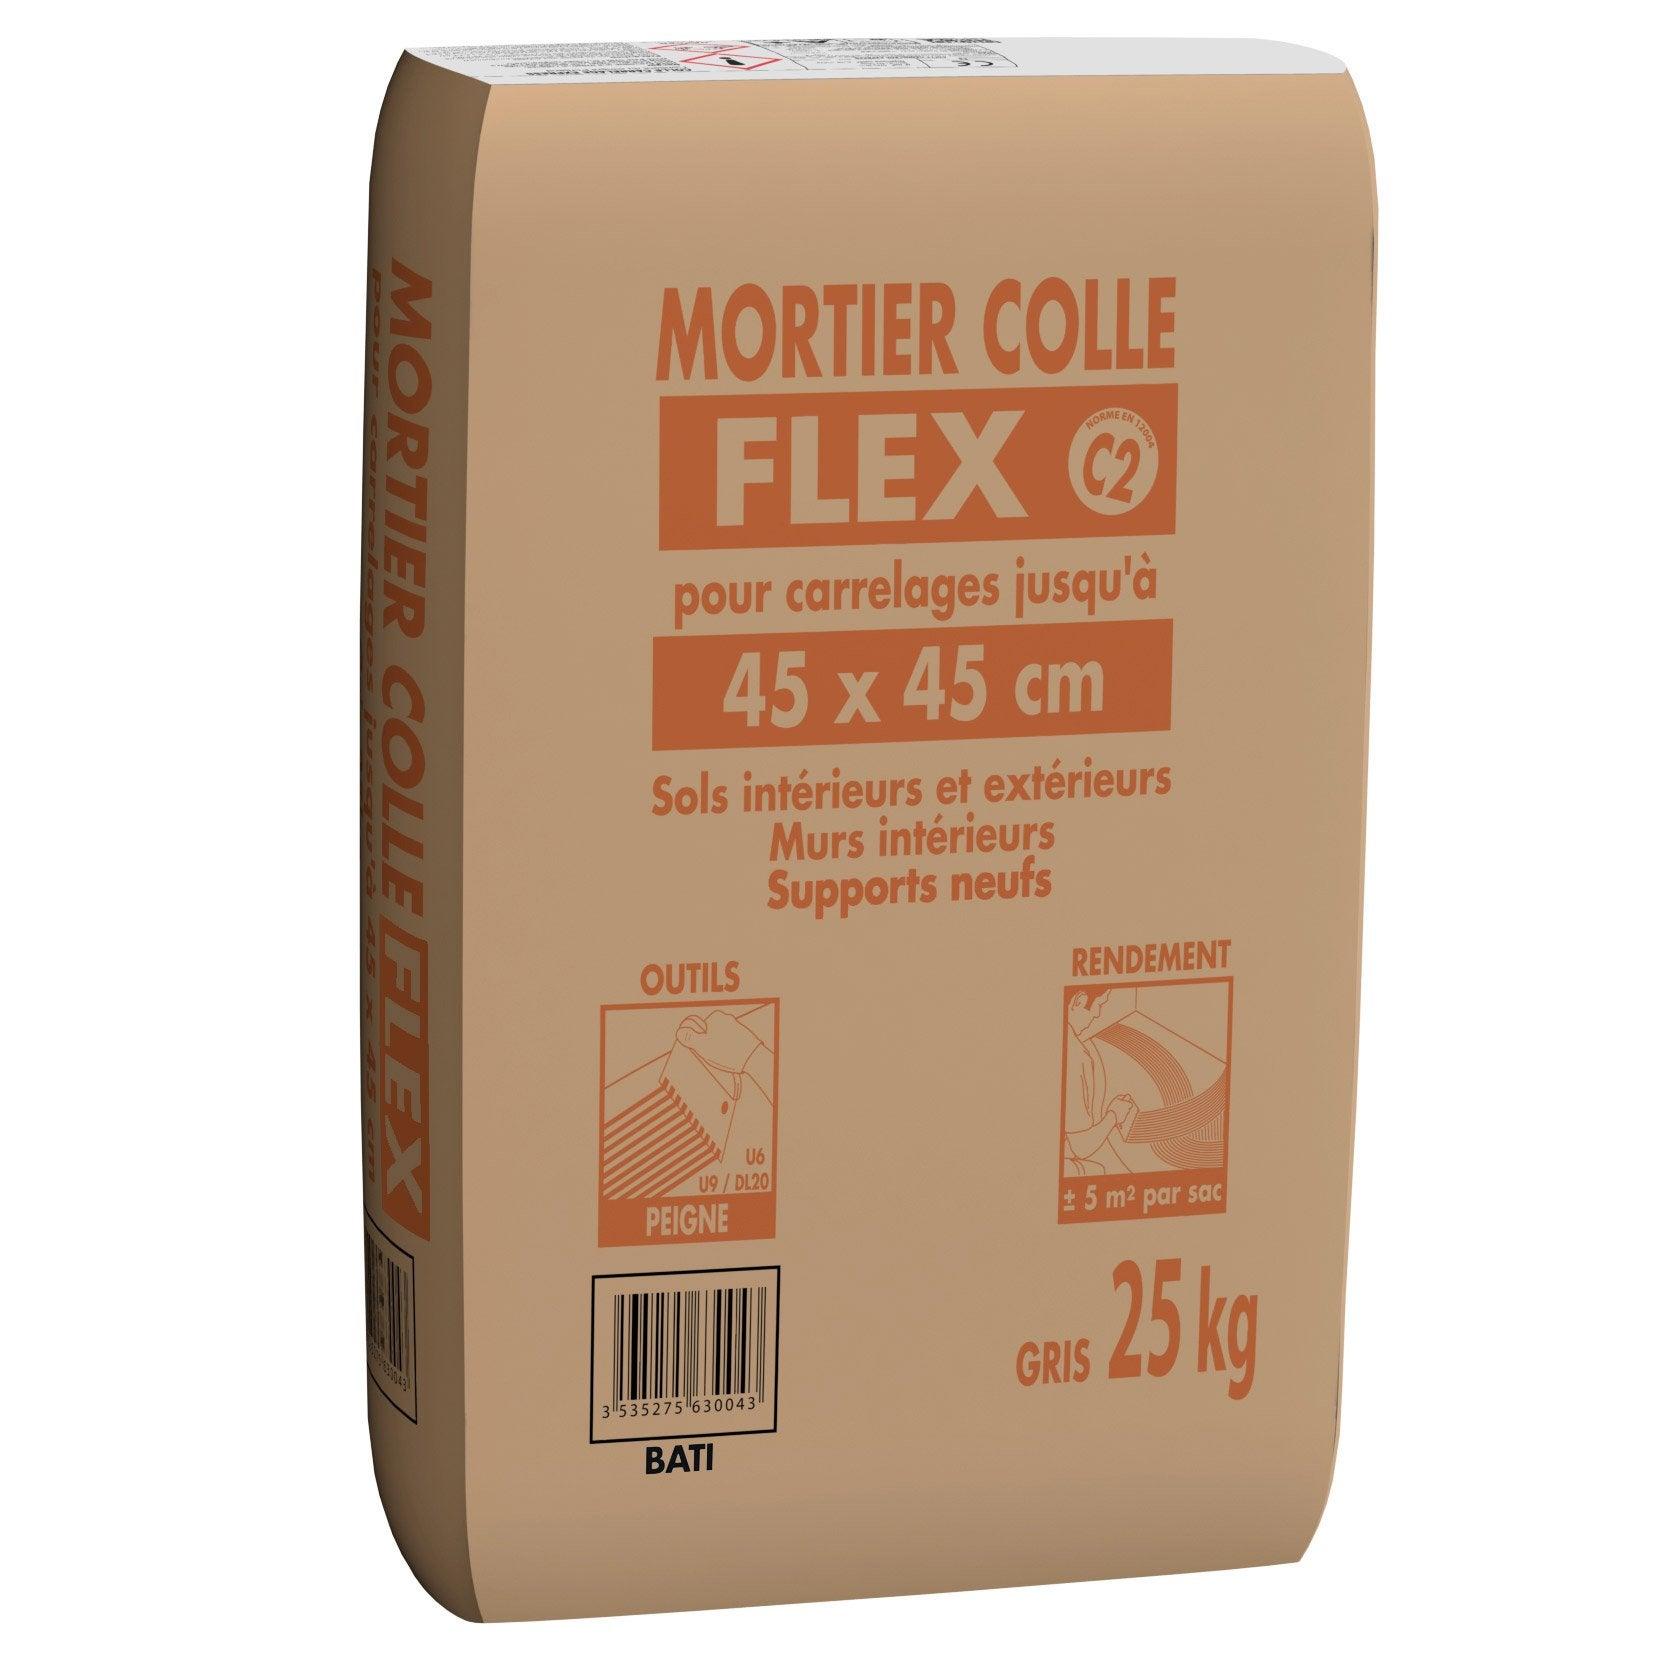 Comment Coller Du Bois Sur Du Ciment mortier colle flex spécial céram pour carrelage jusqu'à 45 x 45 cm gris, 25  kg